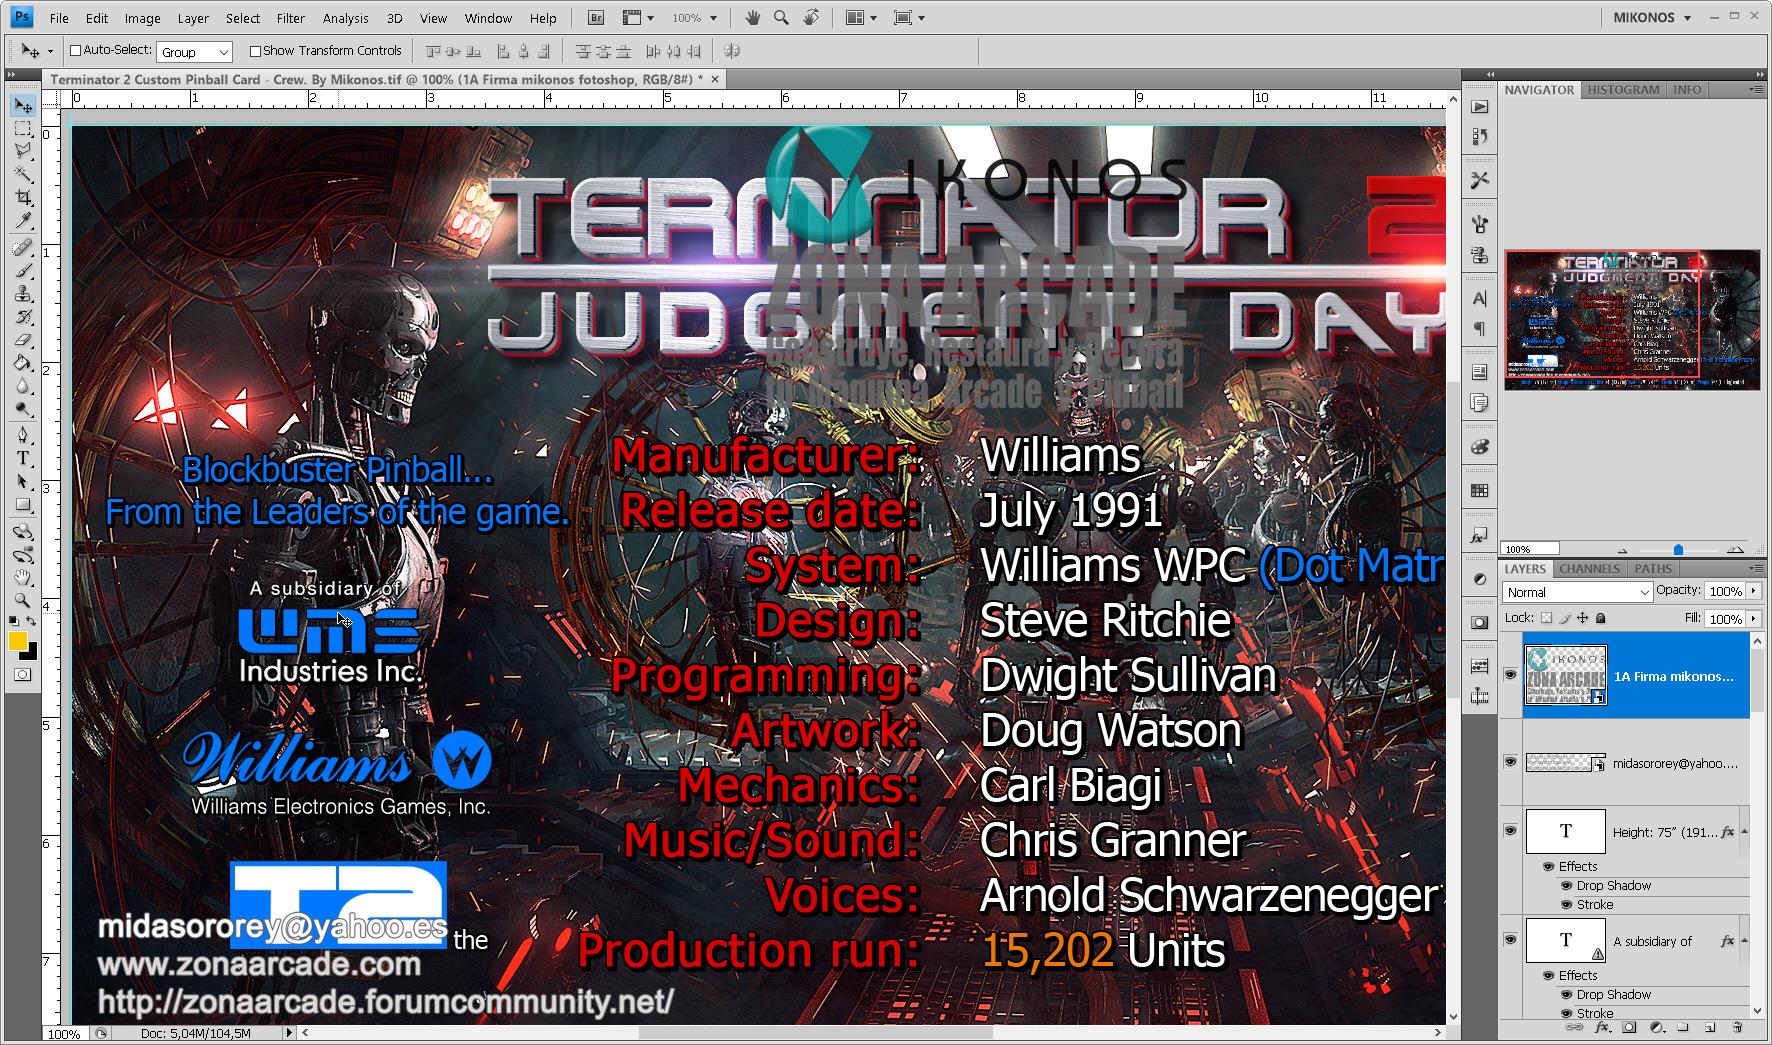 Terminator%202%20Custom%20Pinball%20Card%20-%20Crew.%20By%20Mikonos2.jpg